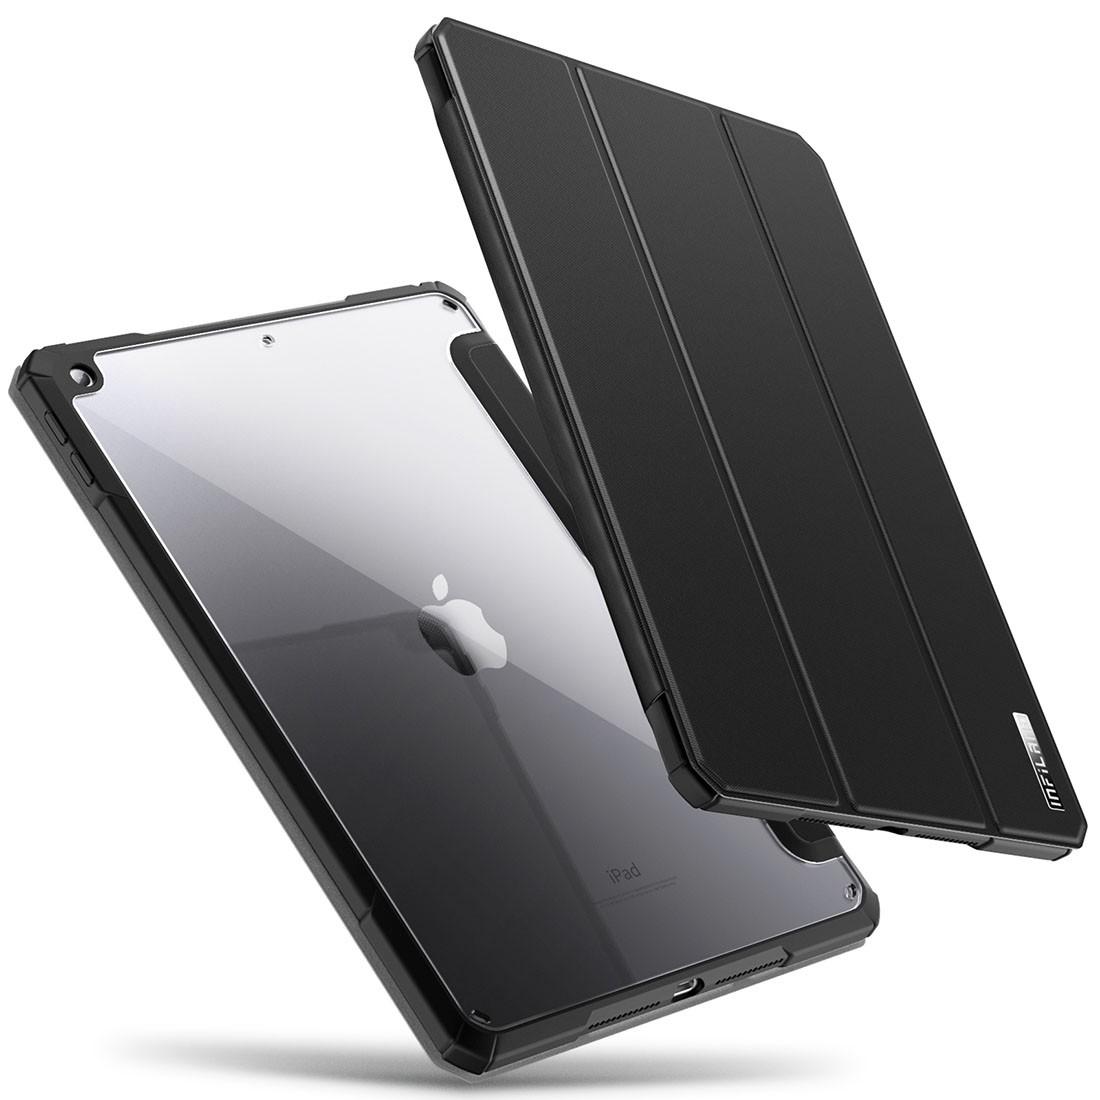 Capa Premium Crystal Series com fino acabamento iPad 7 10.2 pol A2197 A2200